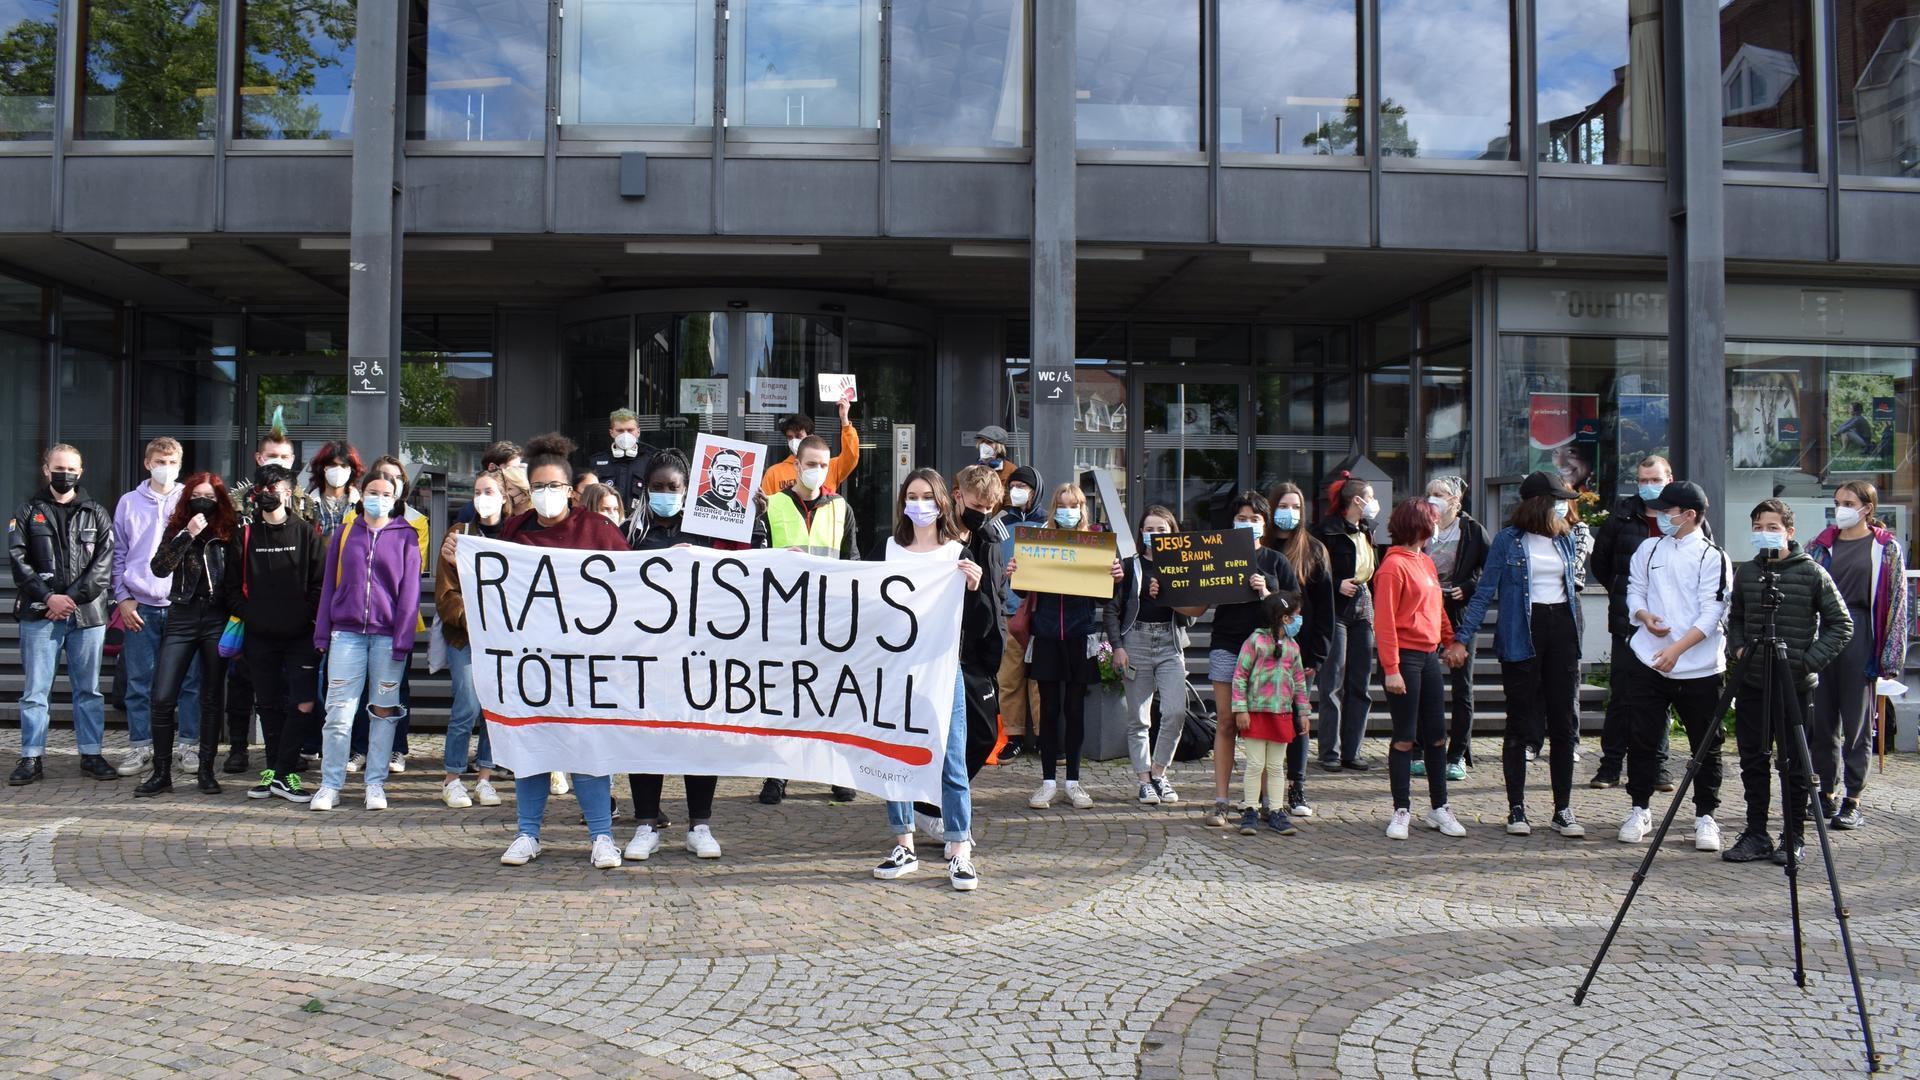 Politische Arbeit in Achern: Junge politische Gruppe Solidarity Ortenau meldet sich erstmals zu Wort.